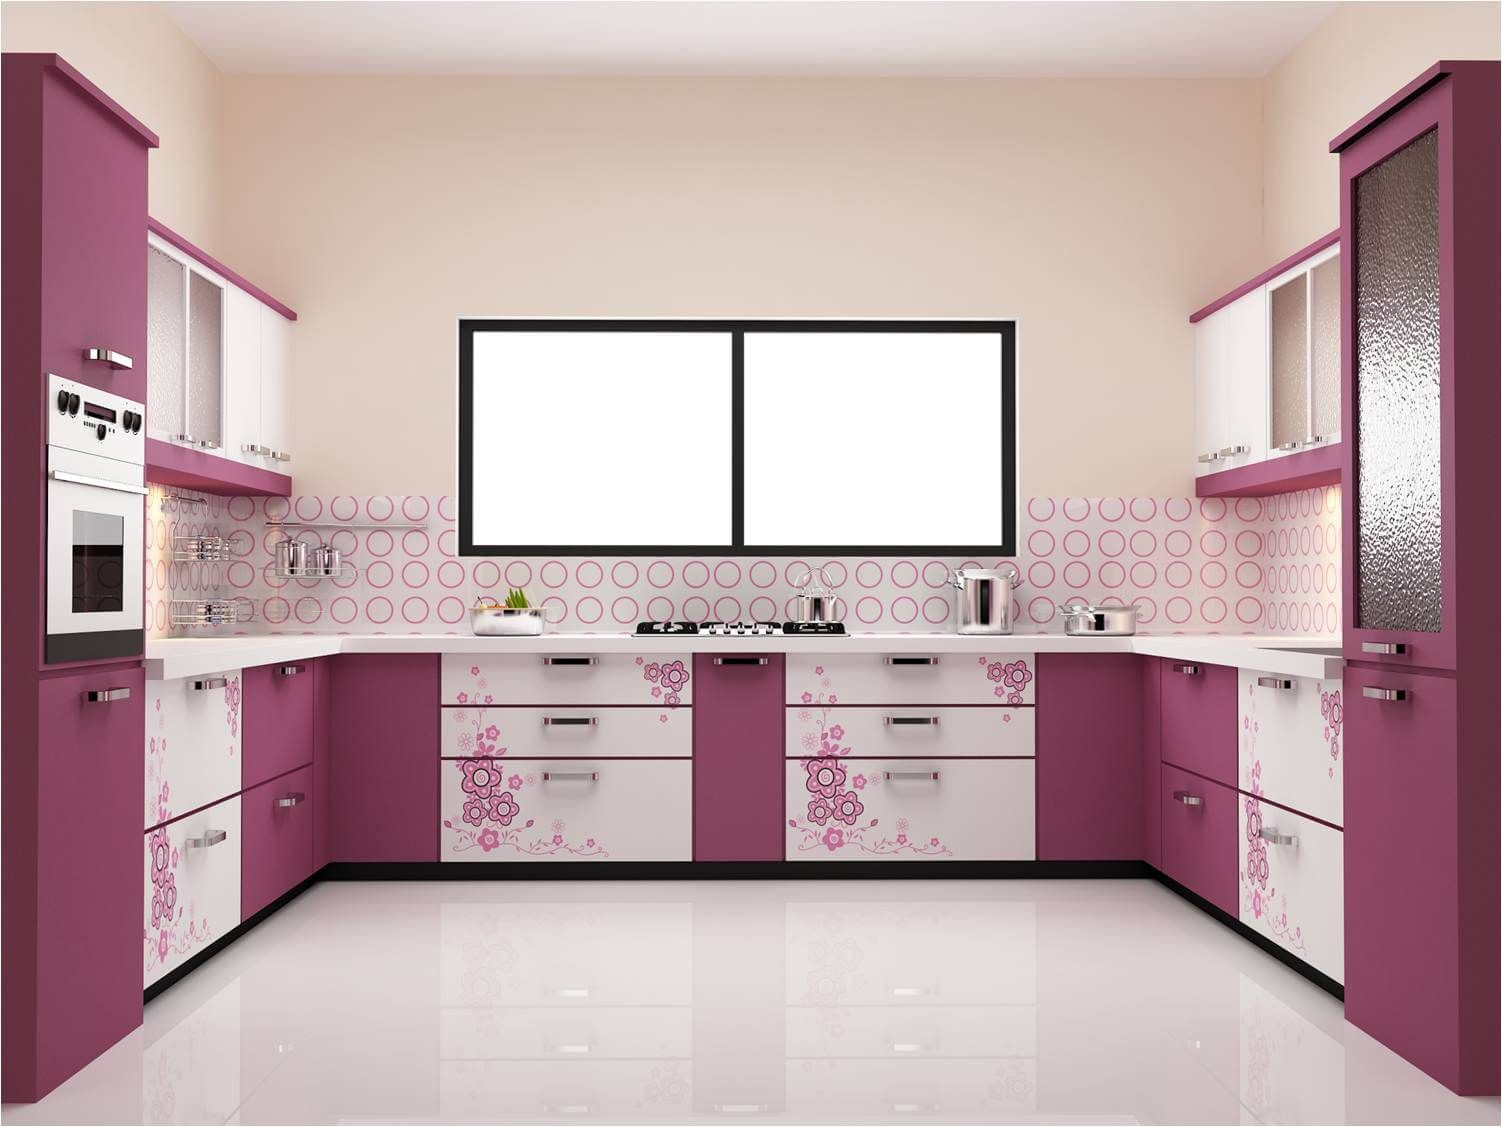 Modular Kitchen Design Ideas Part - 22: #Modular #Kitchen #Design #ideas